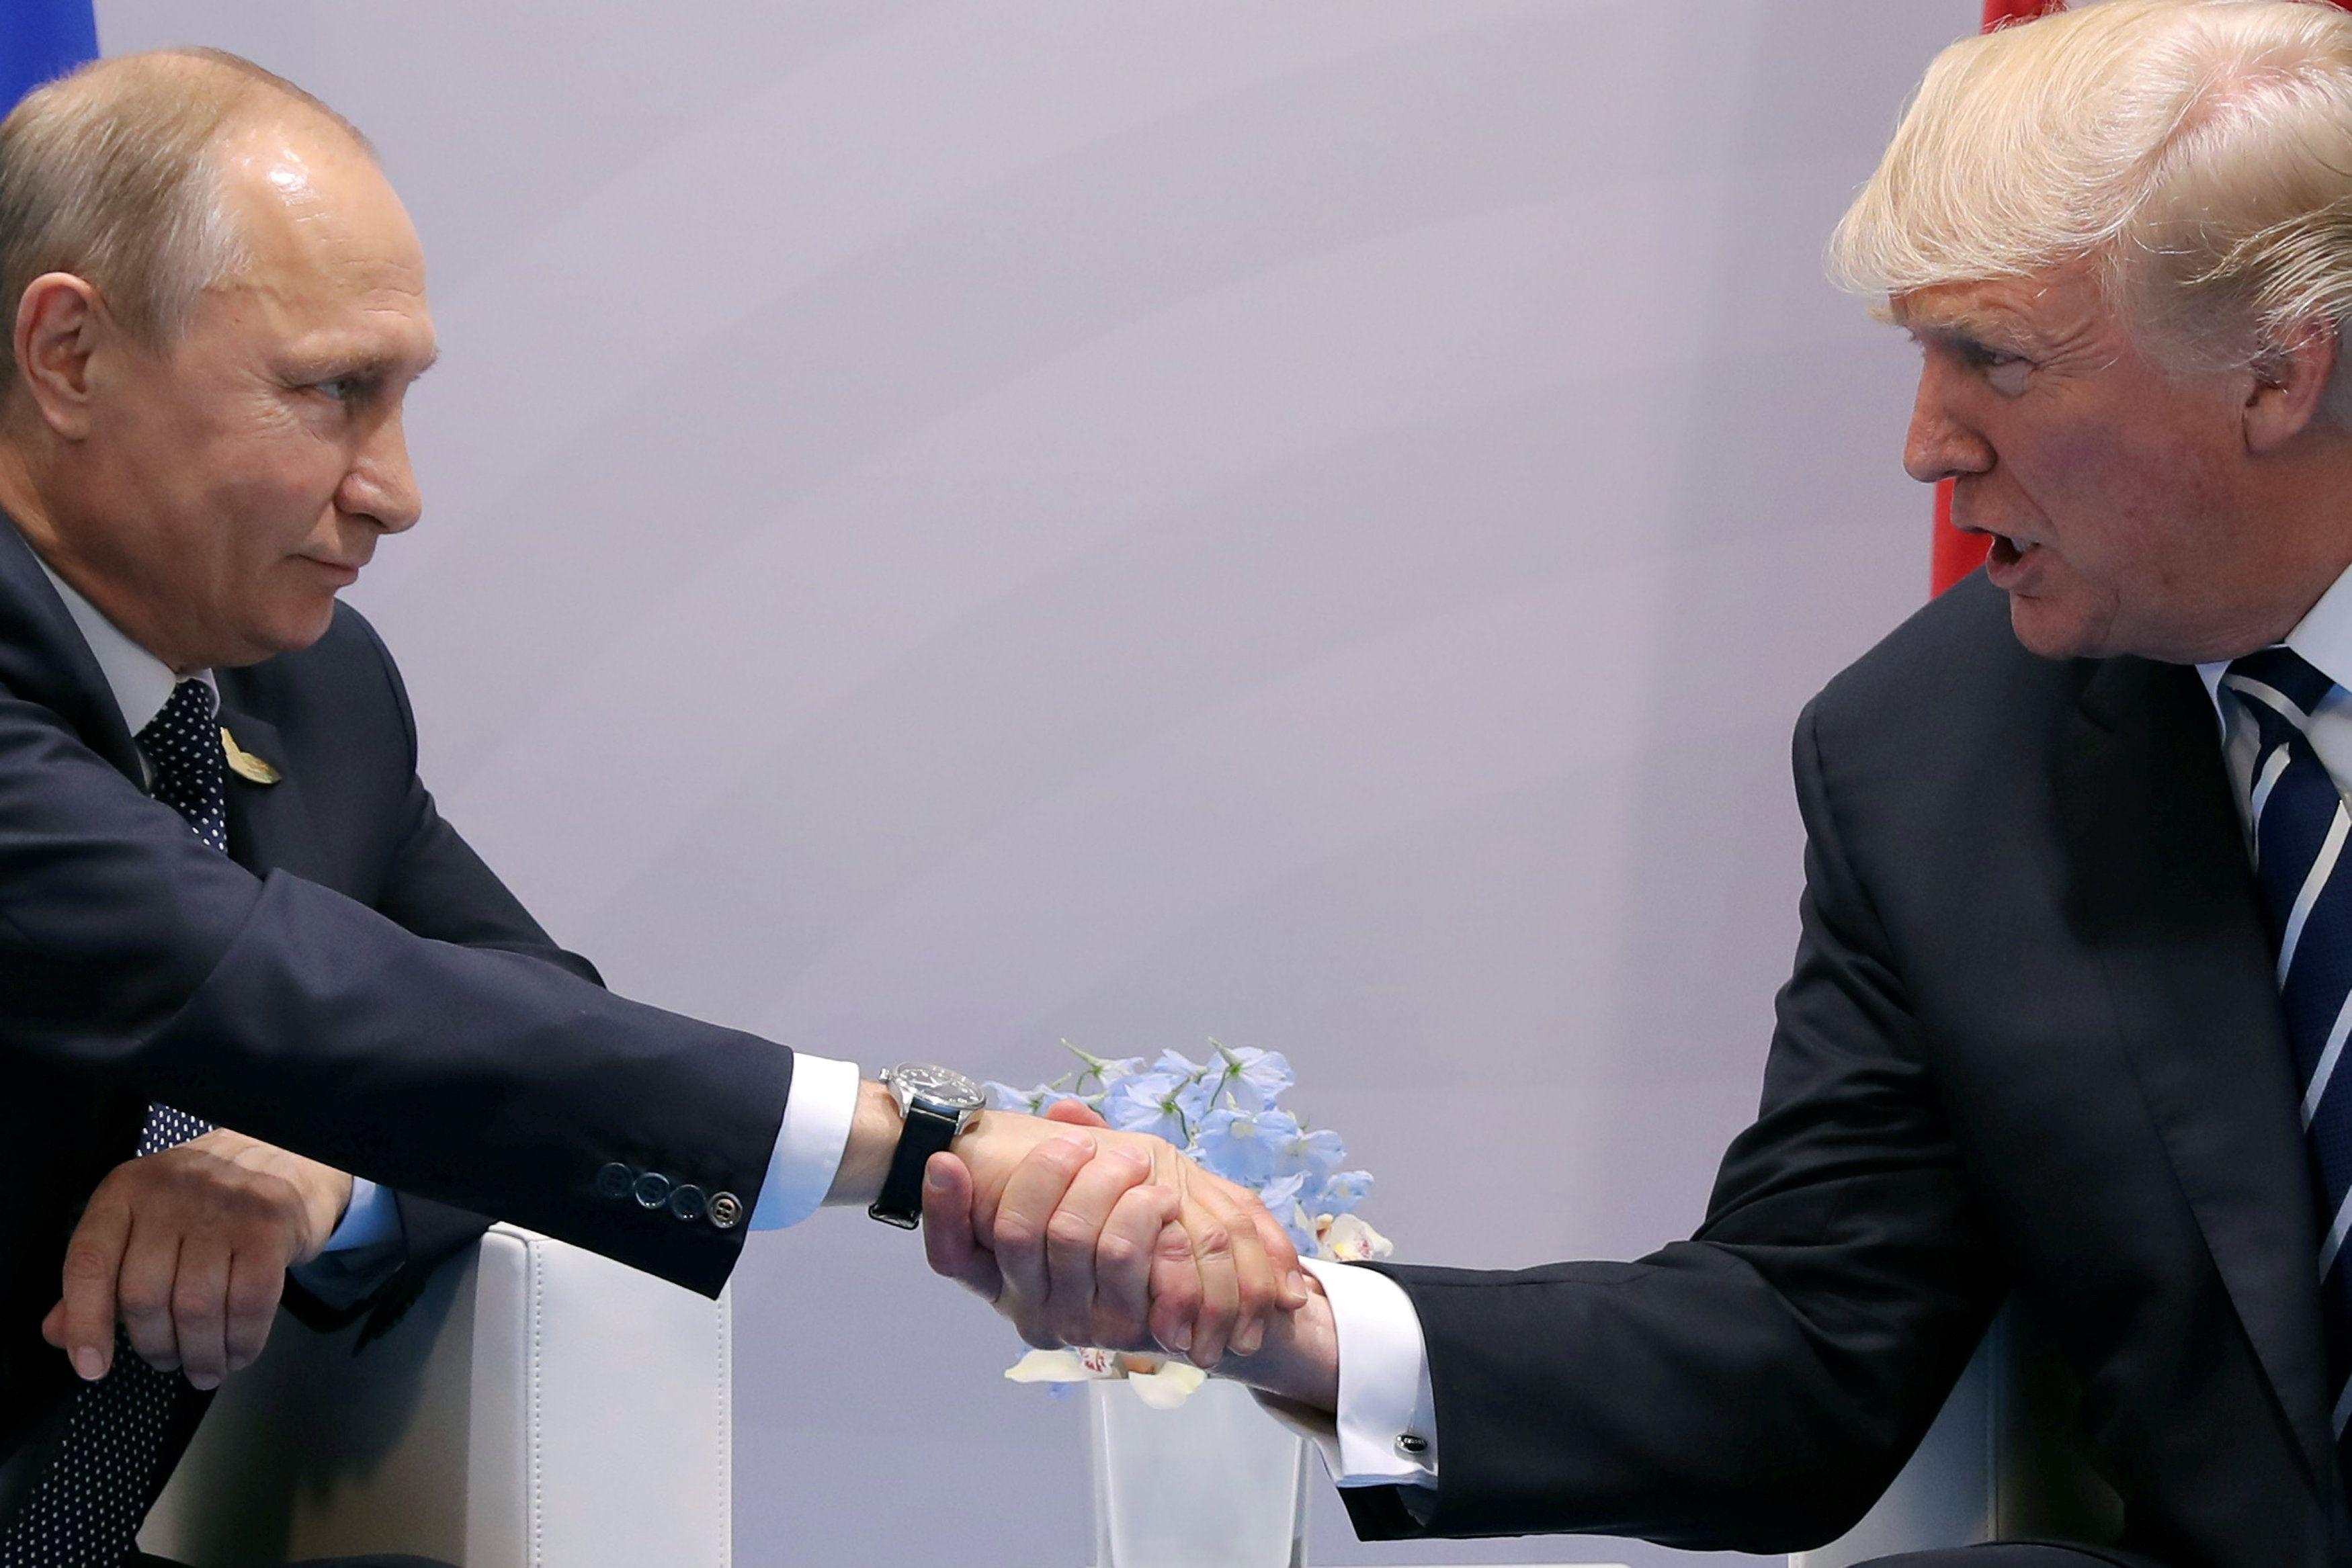 Дональд Трамп и Дональд Трамп на встрече со своим российским коллегой Владимир Путин.